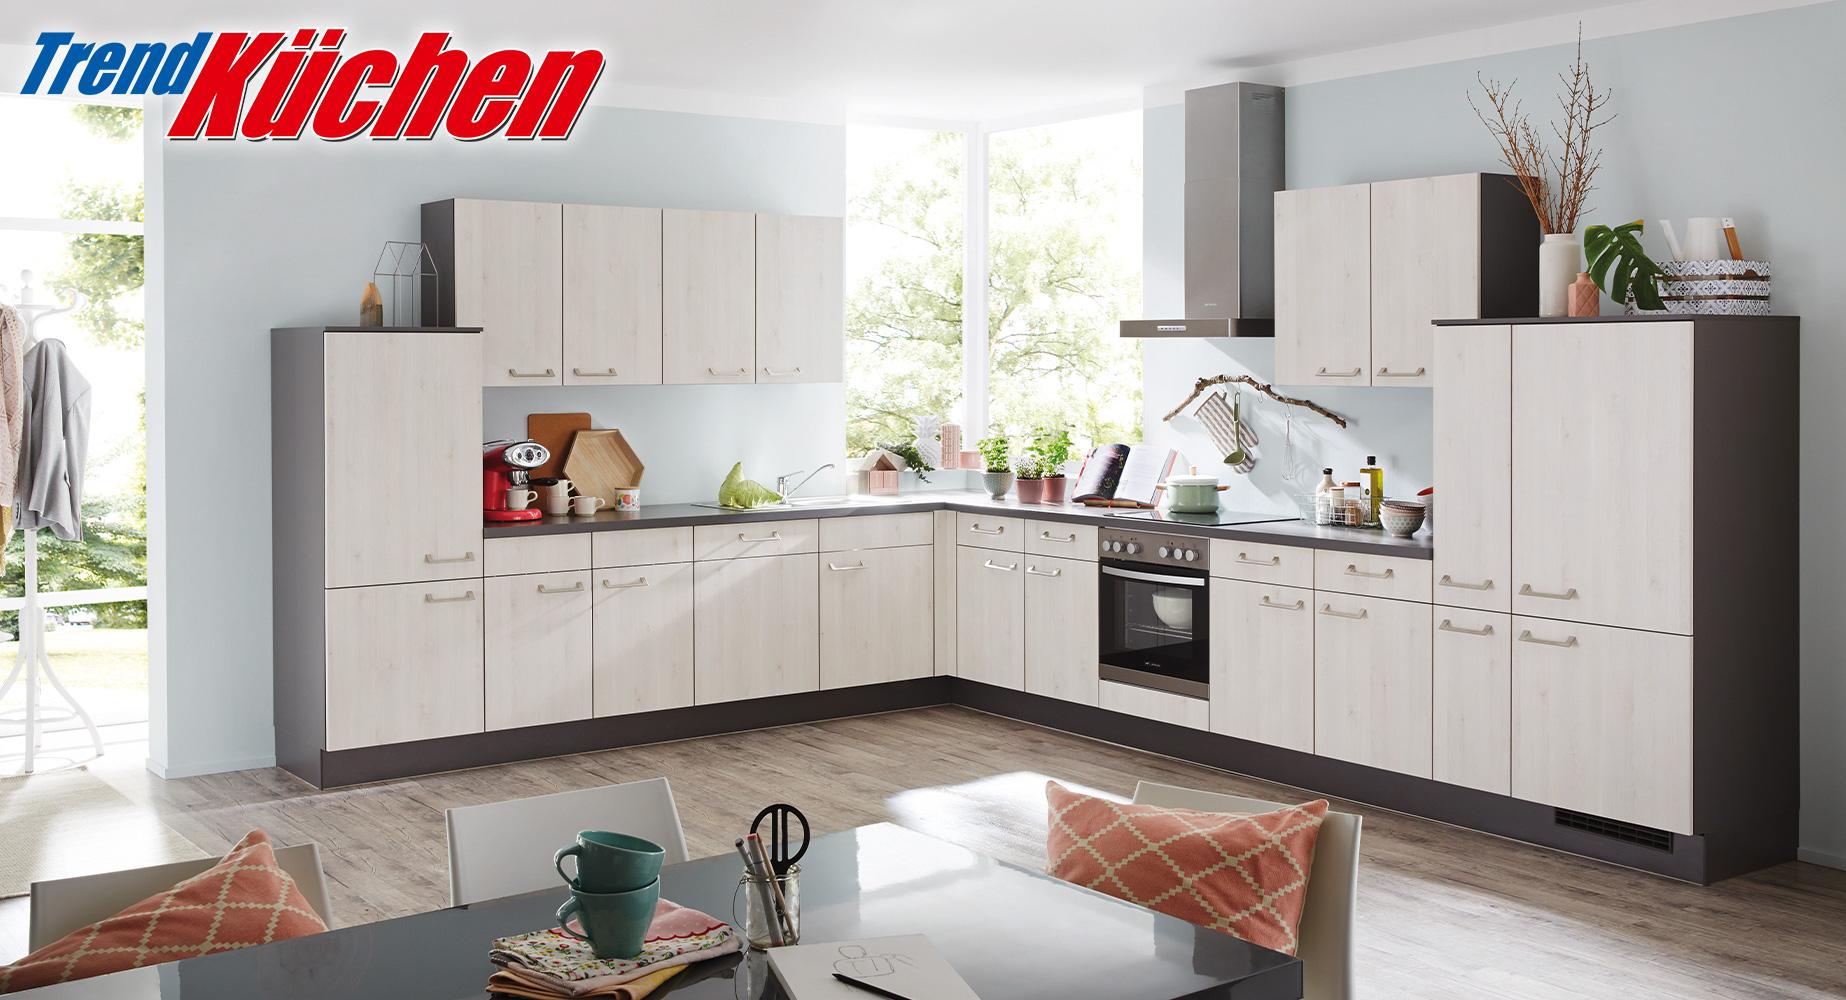 Full Size of Küche Günstig Kaufen Küche Günstig Kaufen Mit Elektrogeräten Mischbatterie Küche Günstig Kaufen Küche Günstig Kaufen Hamburg Küche Küche Günstig Kaufen